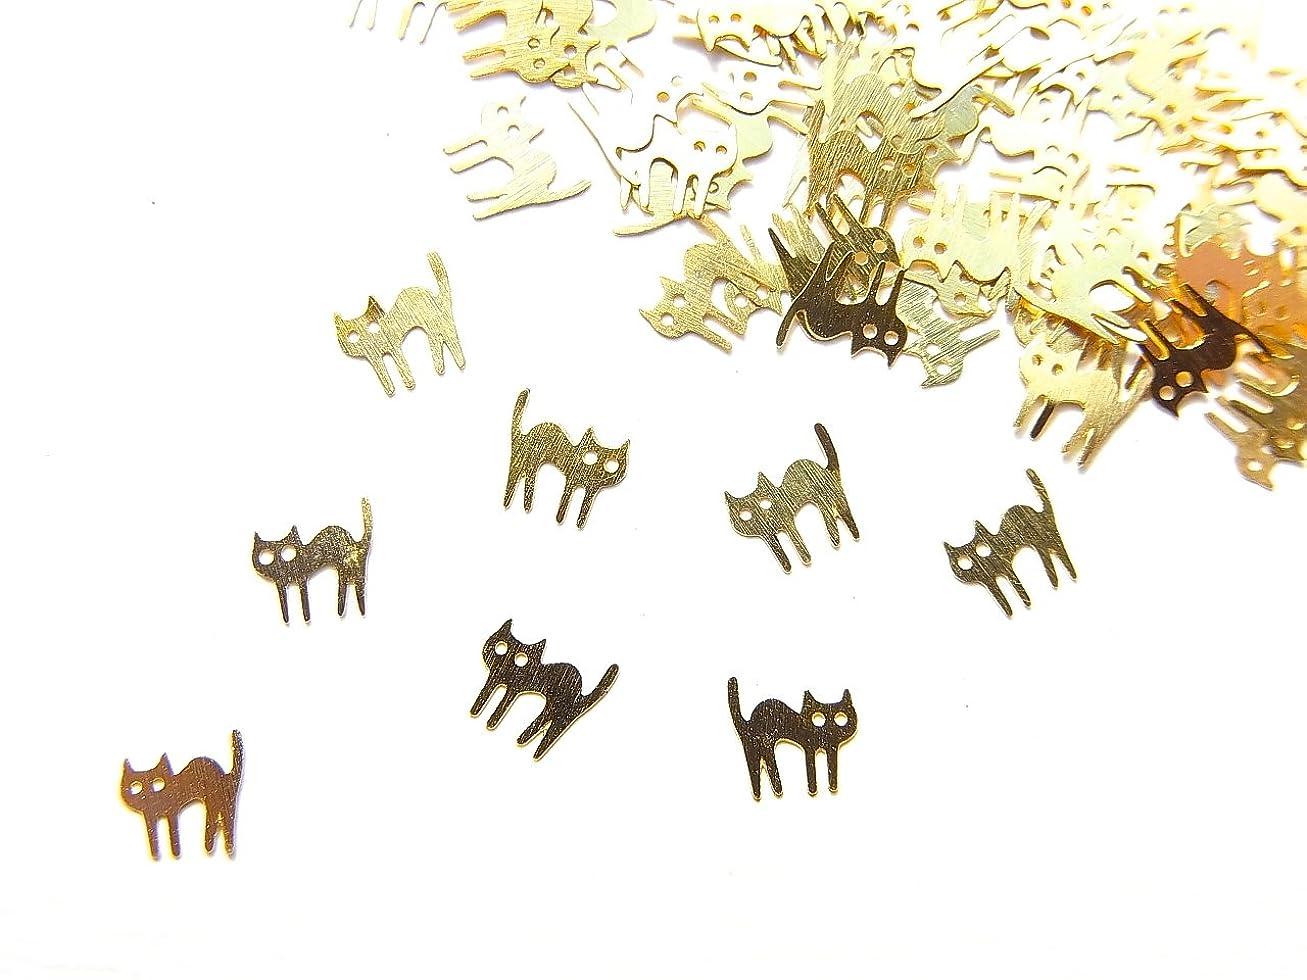 女王海賊安らぎ【jewel】ug23 薄型ゴールド メタルパーツ ネコ 猫B 10個入り ネイルアートパーツ レジンパーツ